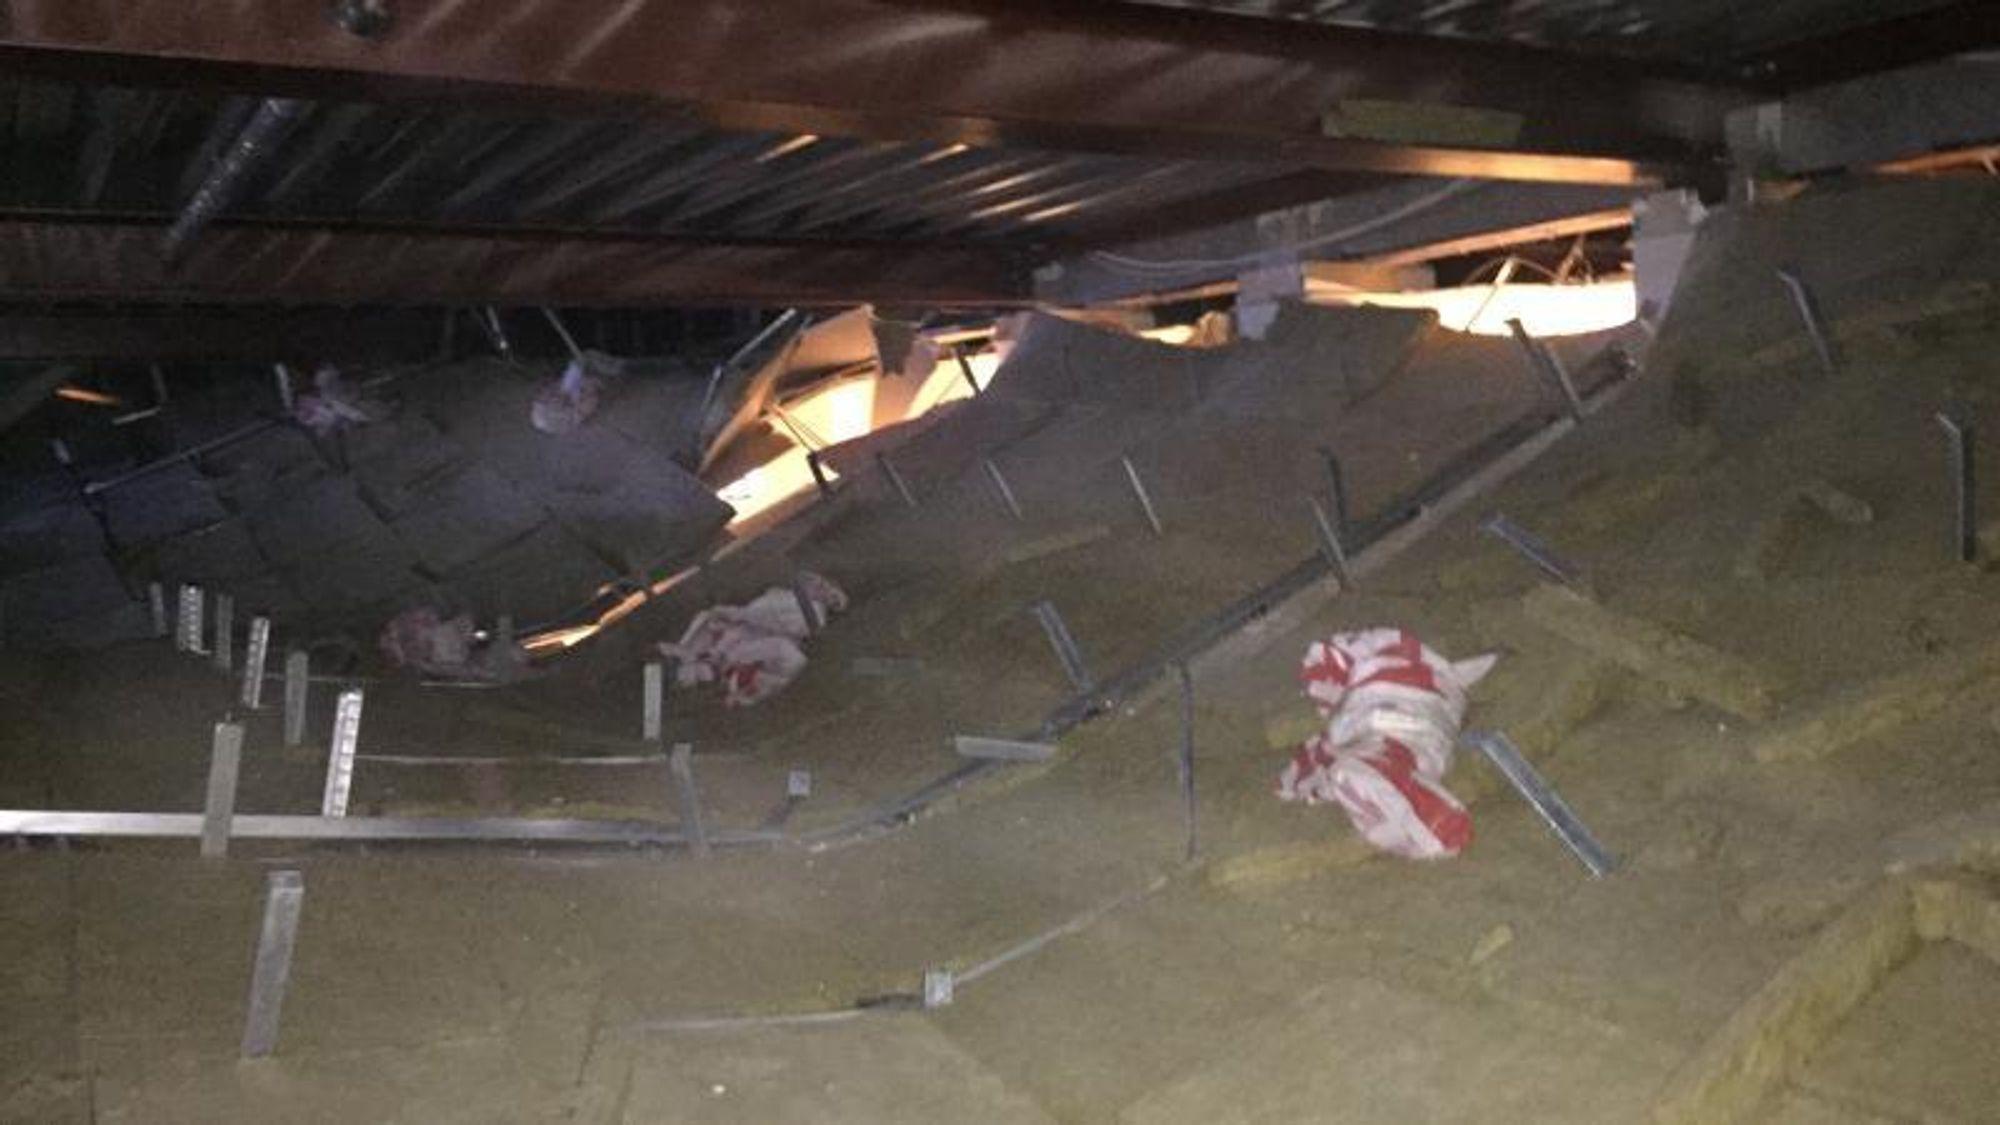 Slik så det ut i servicesenteret på Hvidovre Kommune etter at taket falt ned. Nå er årsaken til at dette skjedde funnet.